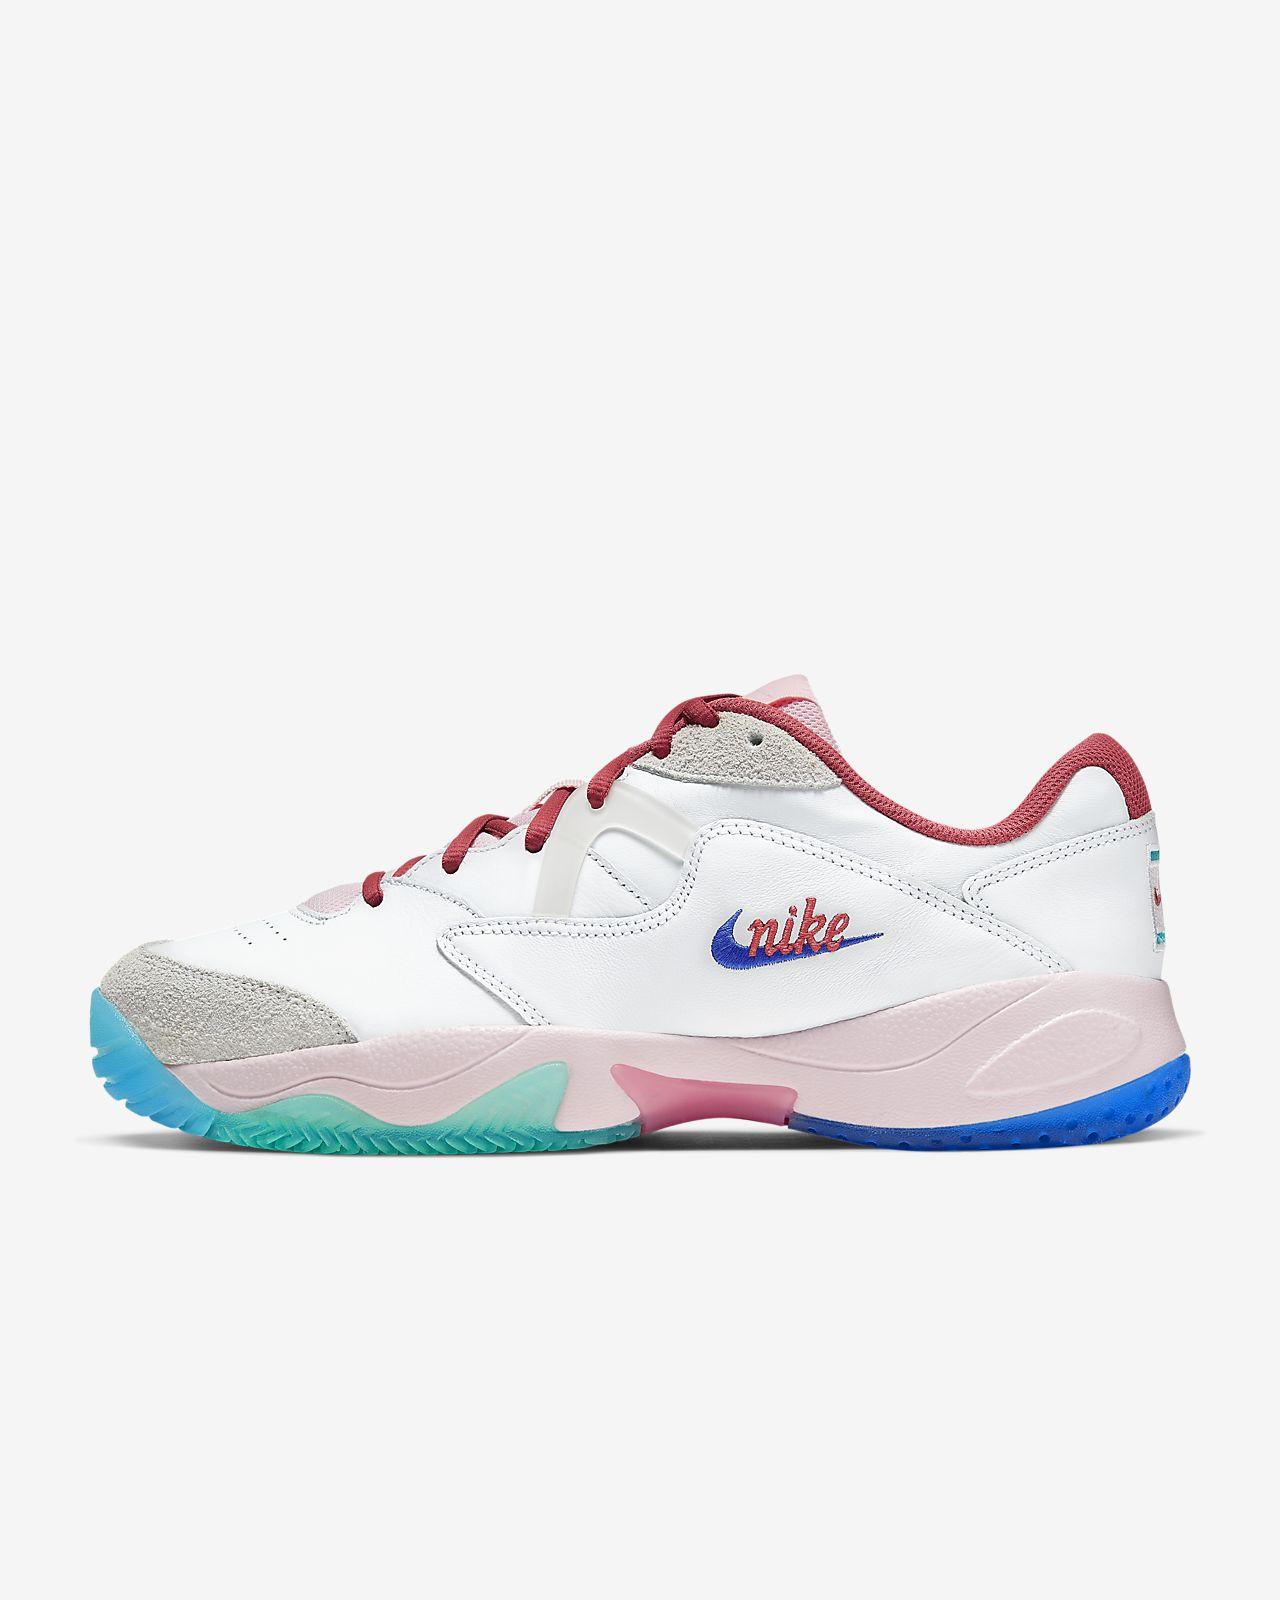 NikeCourt Lite 2 Premium Tennisschoen voor heren CJ6781-101